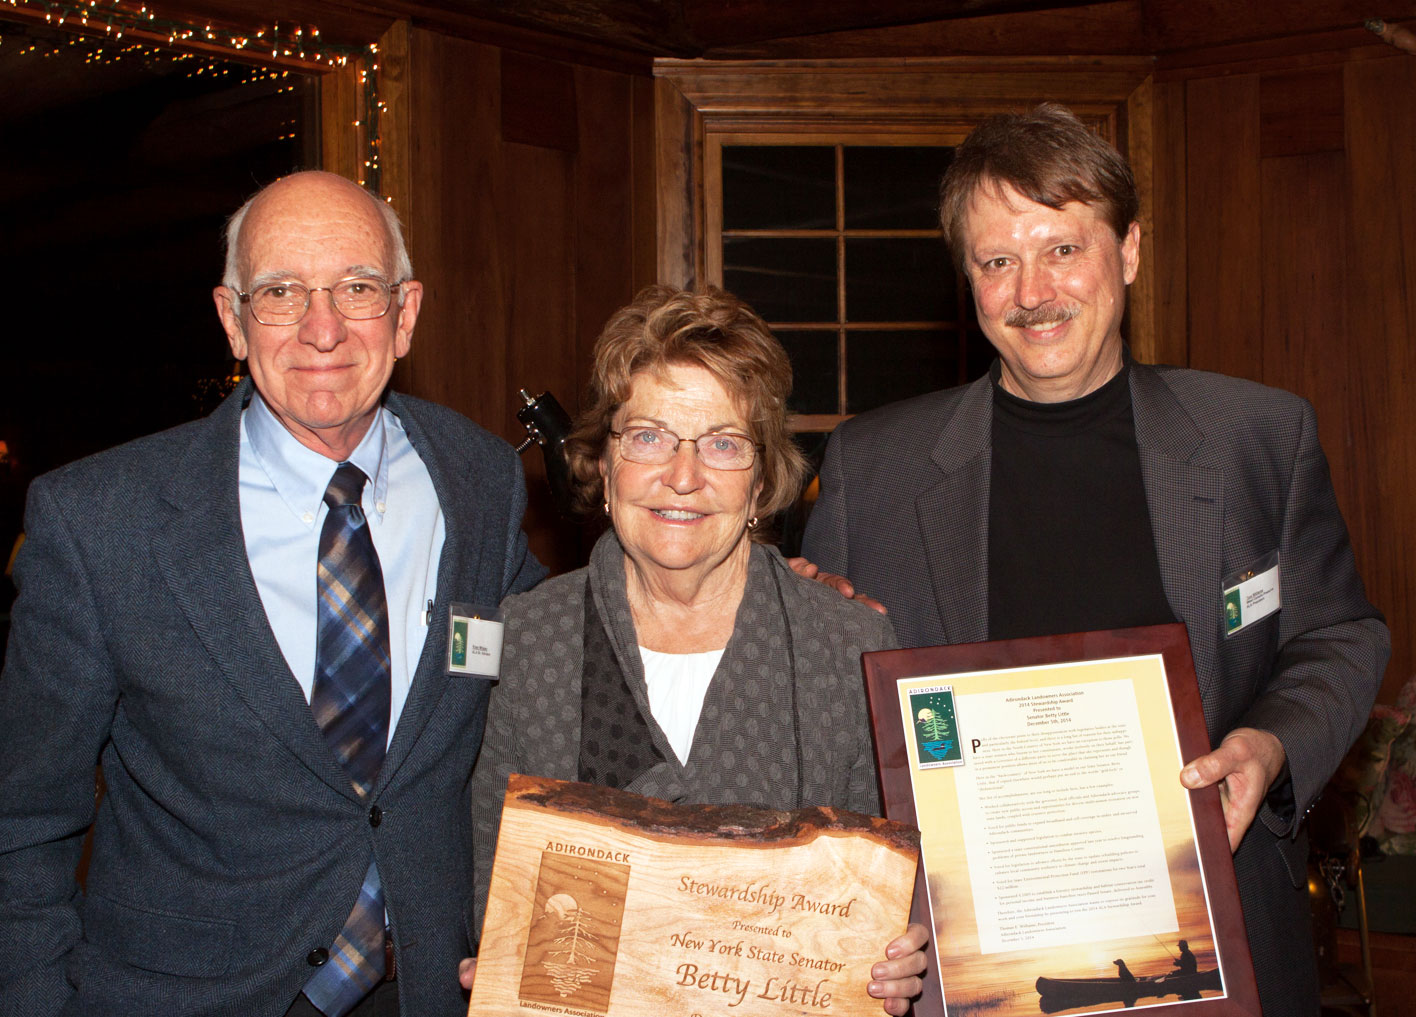 Senior Advisor Ross Whaley and President Tom Williams present the 2014 Stewardship Award to Senator Betty Little.